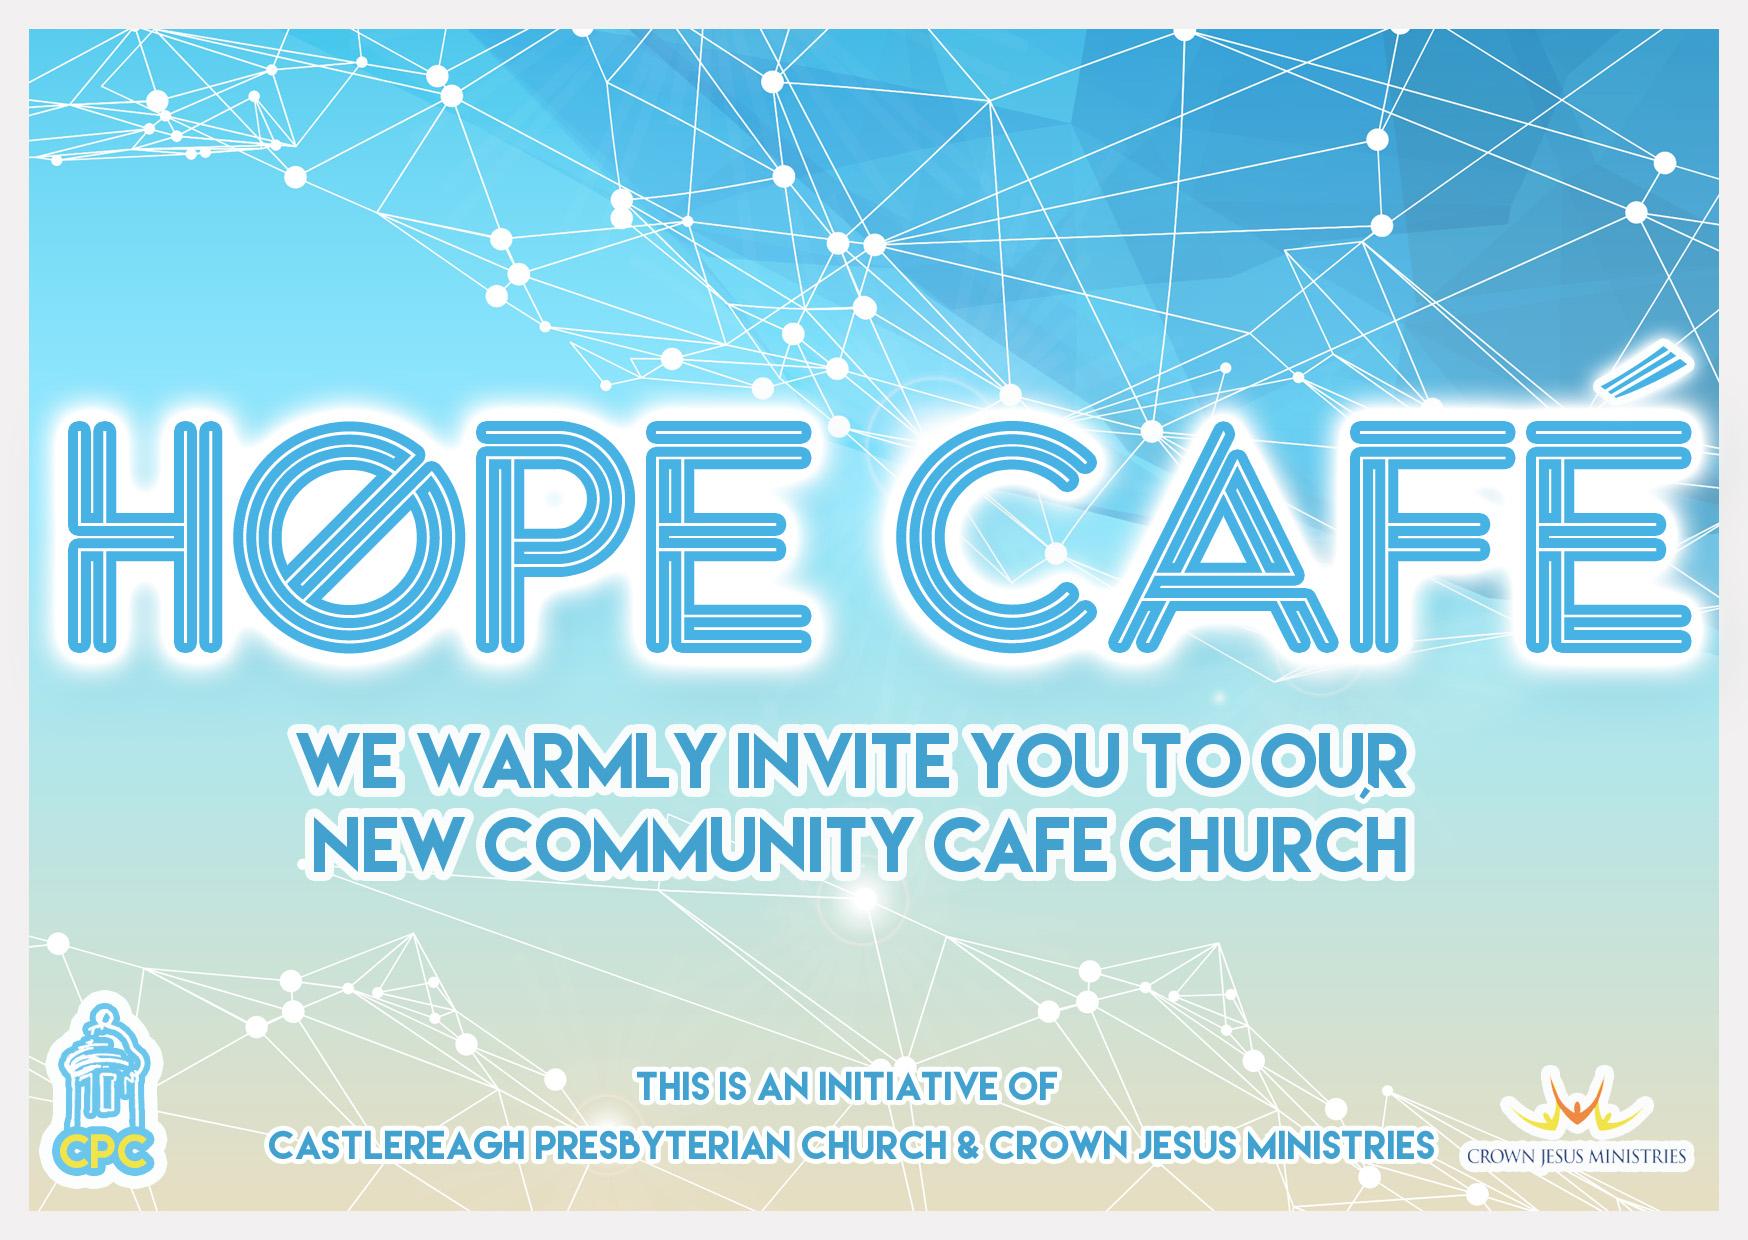 castlereagh hope cafe FRONT